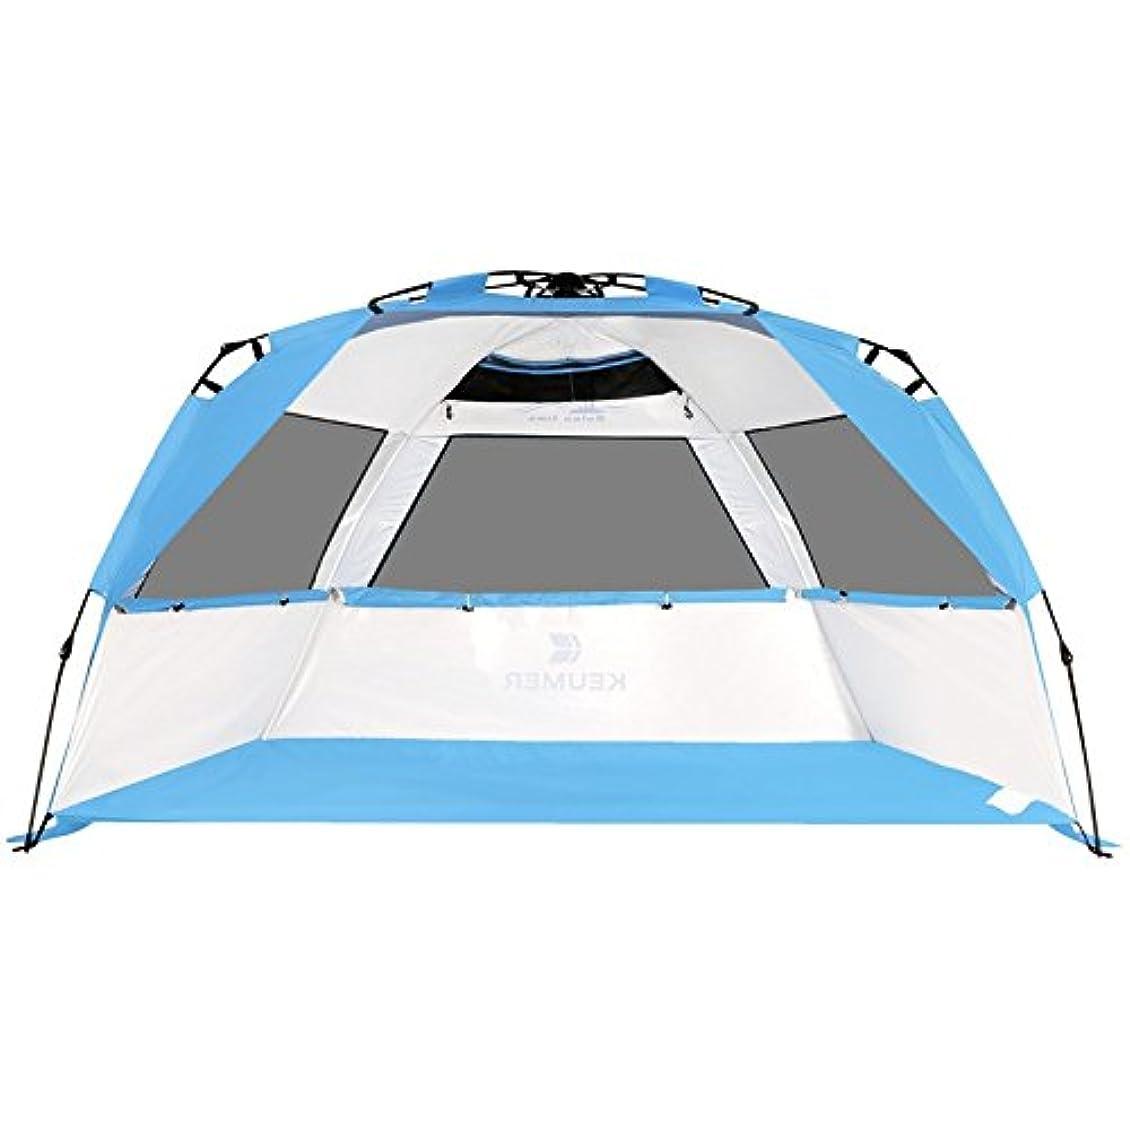 フラグラント再生的部分的にFeelyer 2-3人の屋外のキャンプのピクニック自動テント防水、防雨、抗UV、強力な換気、インストールが簡単、広いスペース 顧客に愛されて